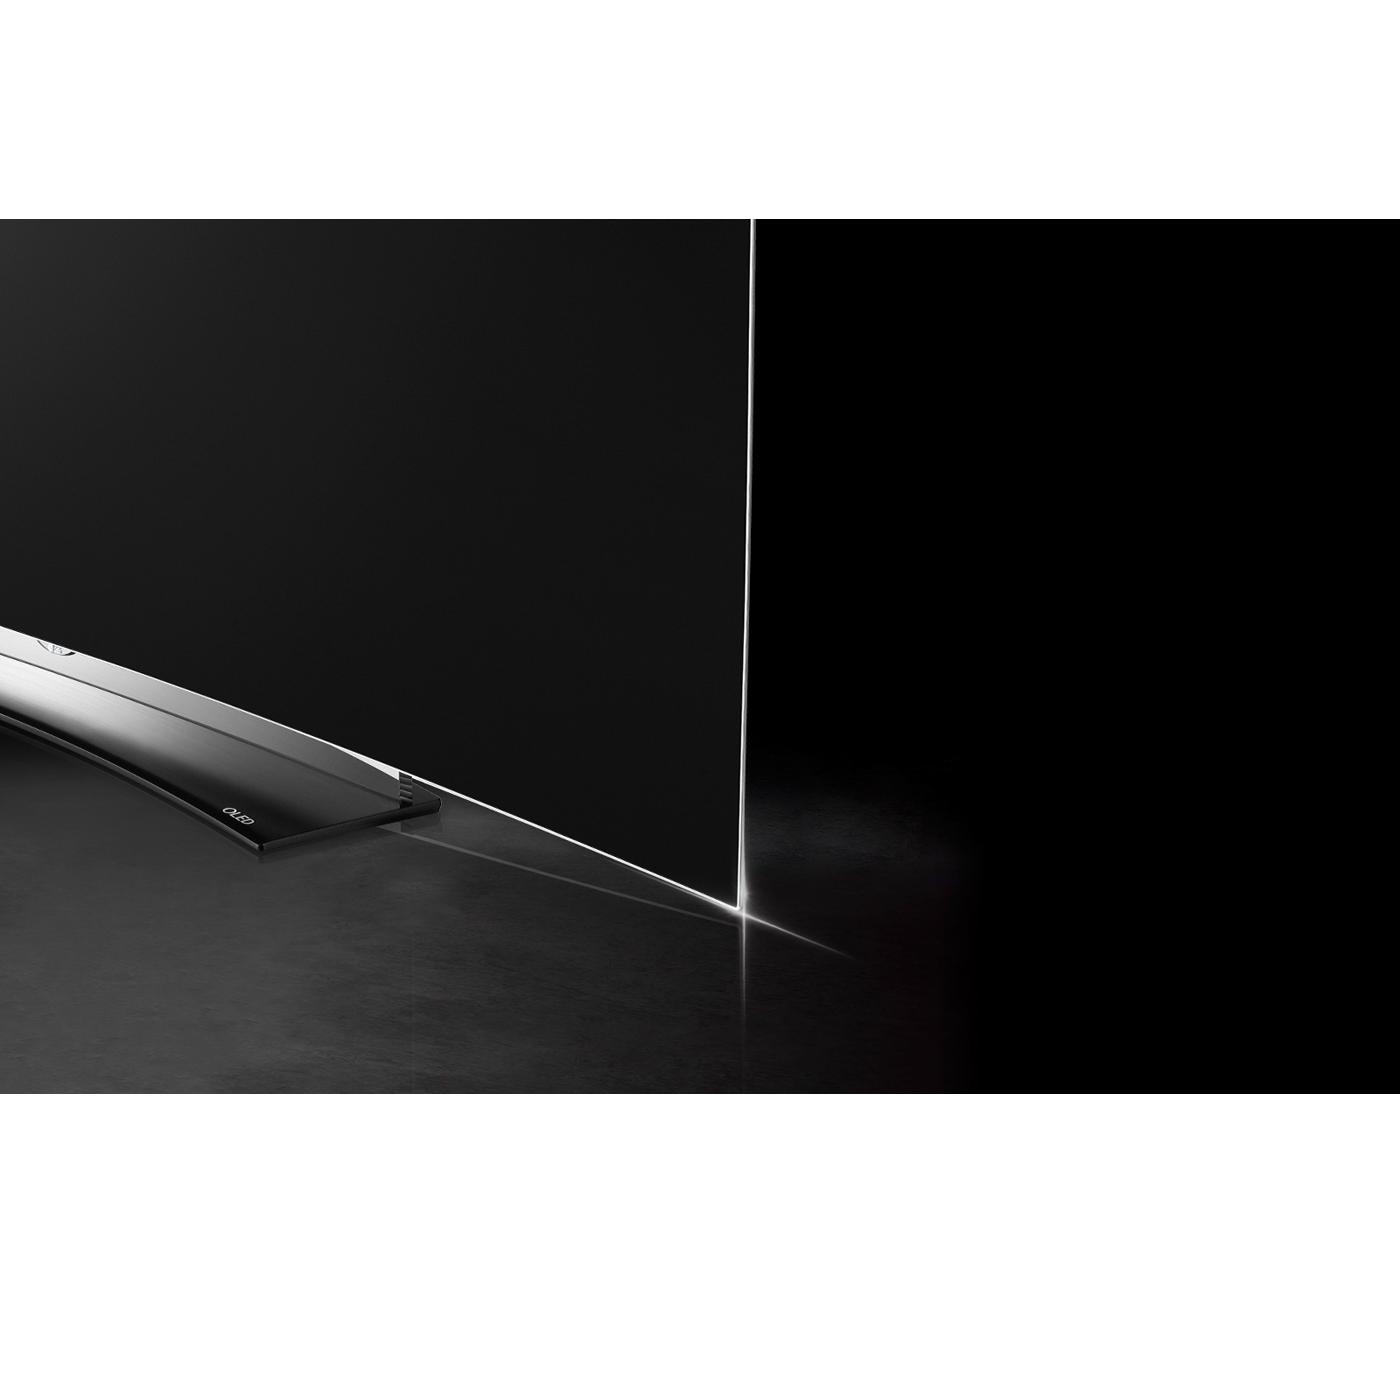 OLED 55C6V